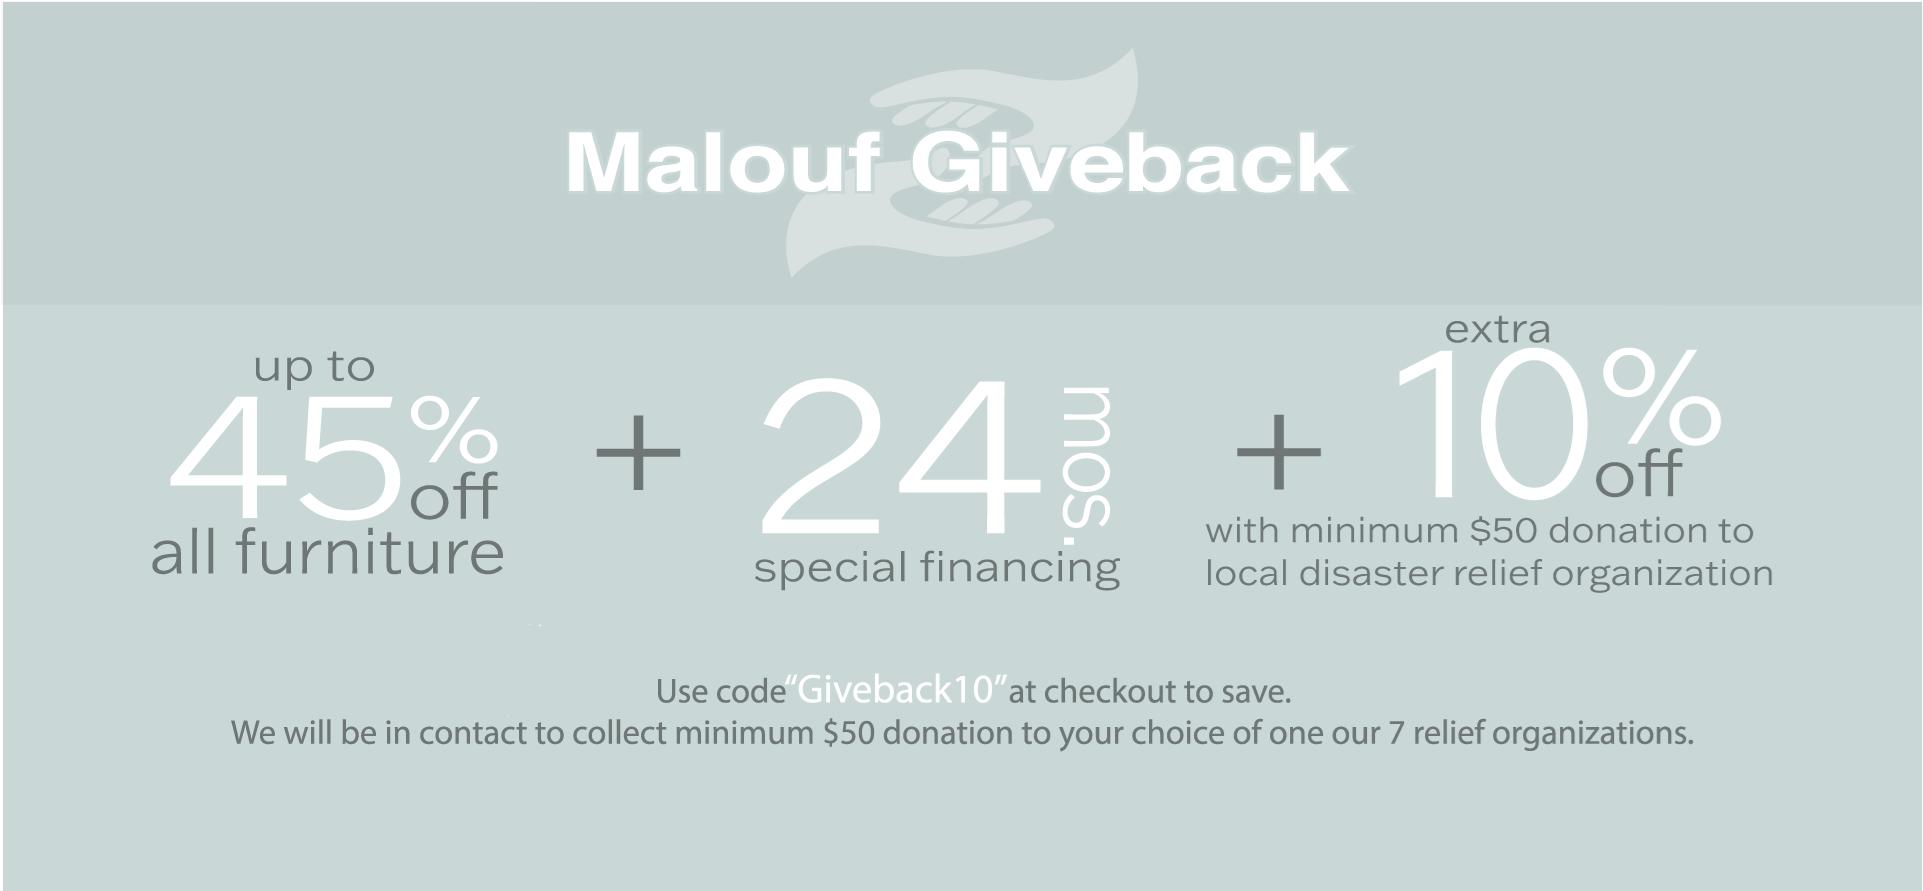 Malouf Giveback